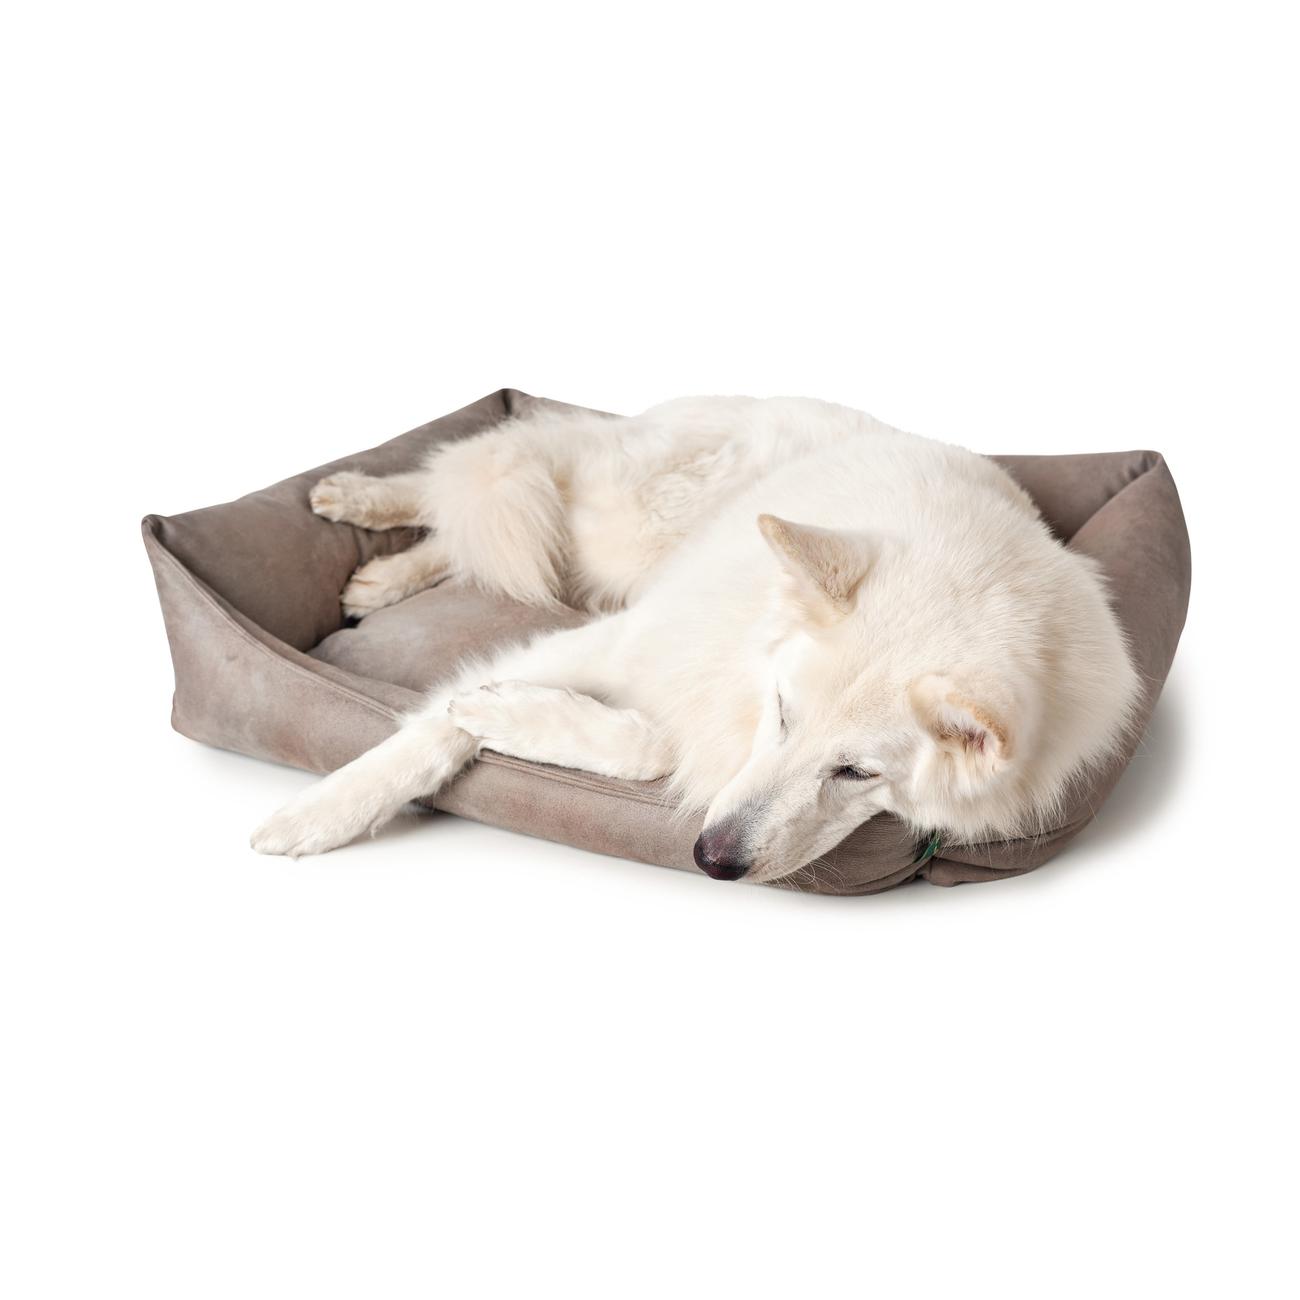 Hunter Hundesofa Bologna Kunstleder 67180, Bild 8